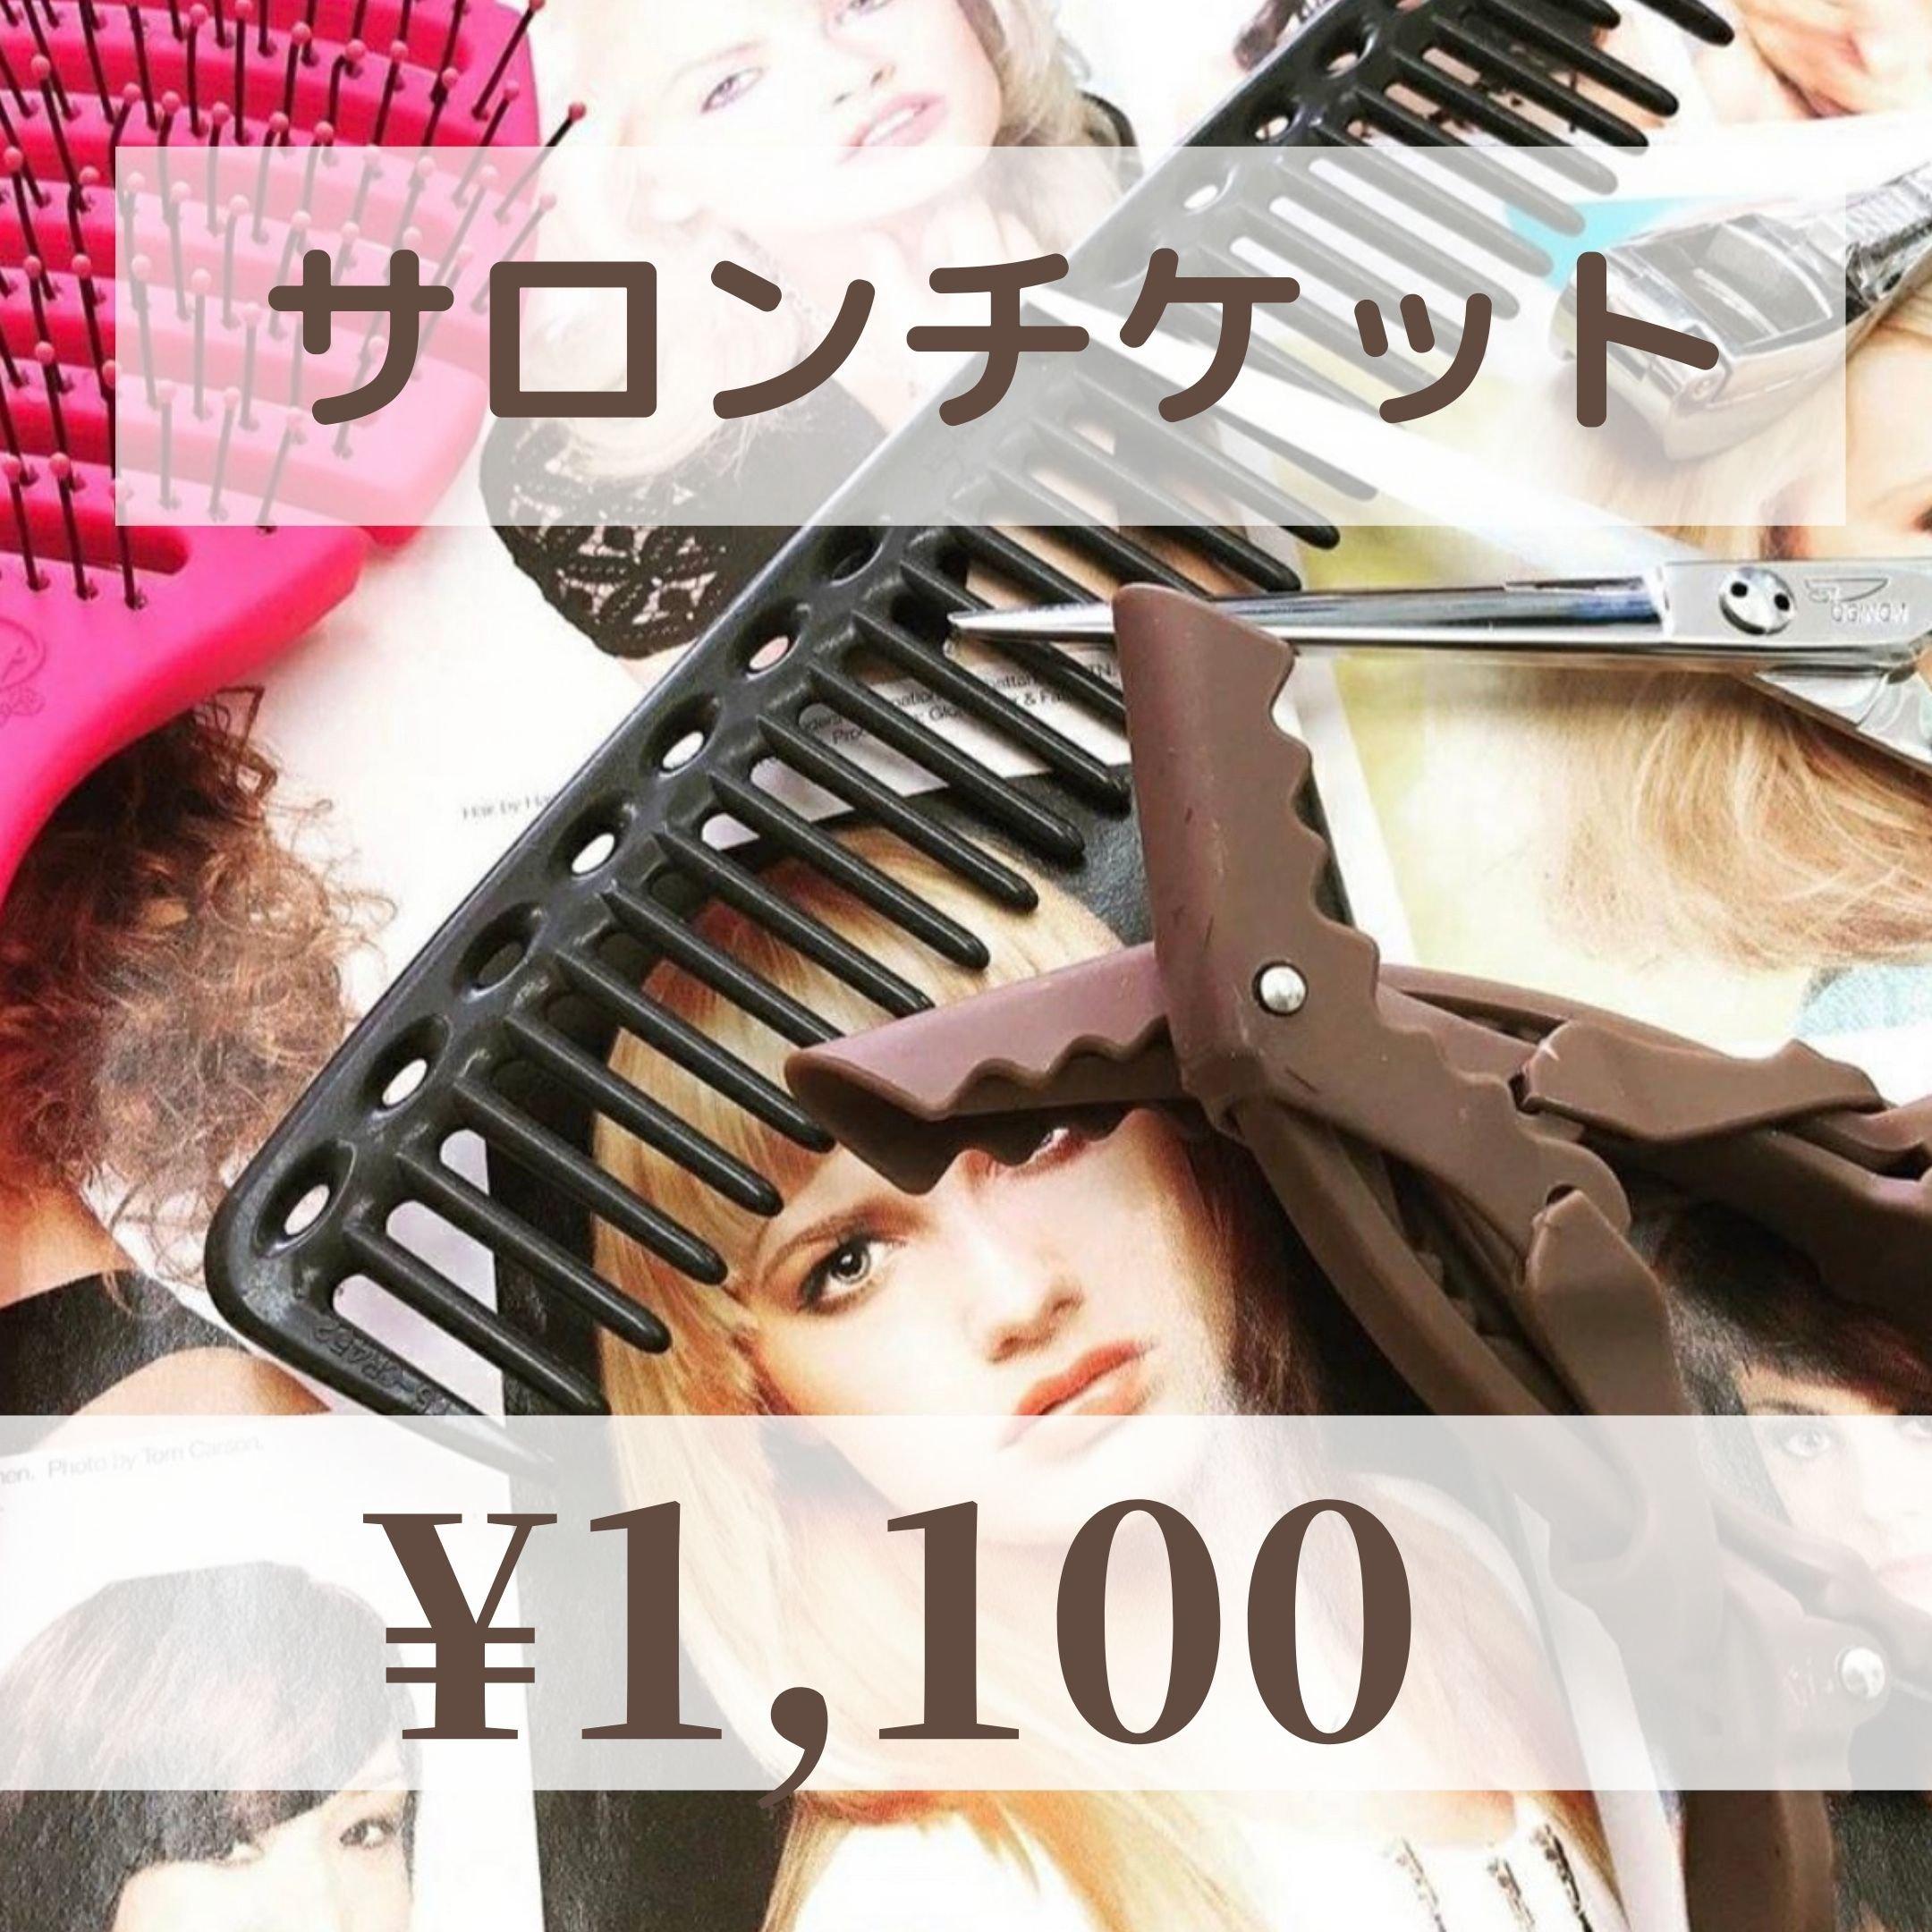 【現地払い専用】サロンチケット¥1,100のイメージその1